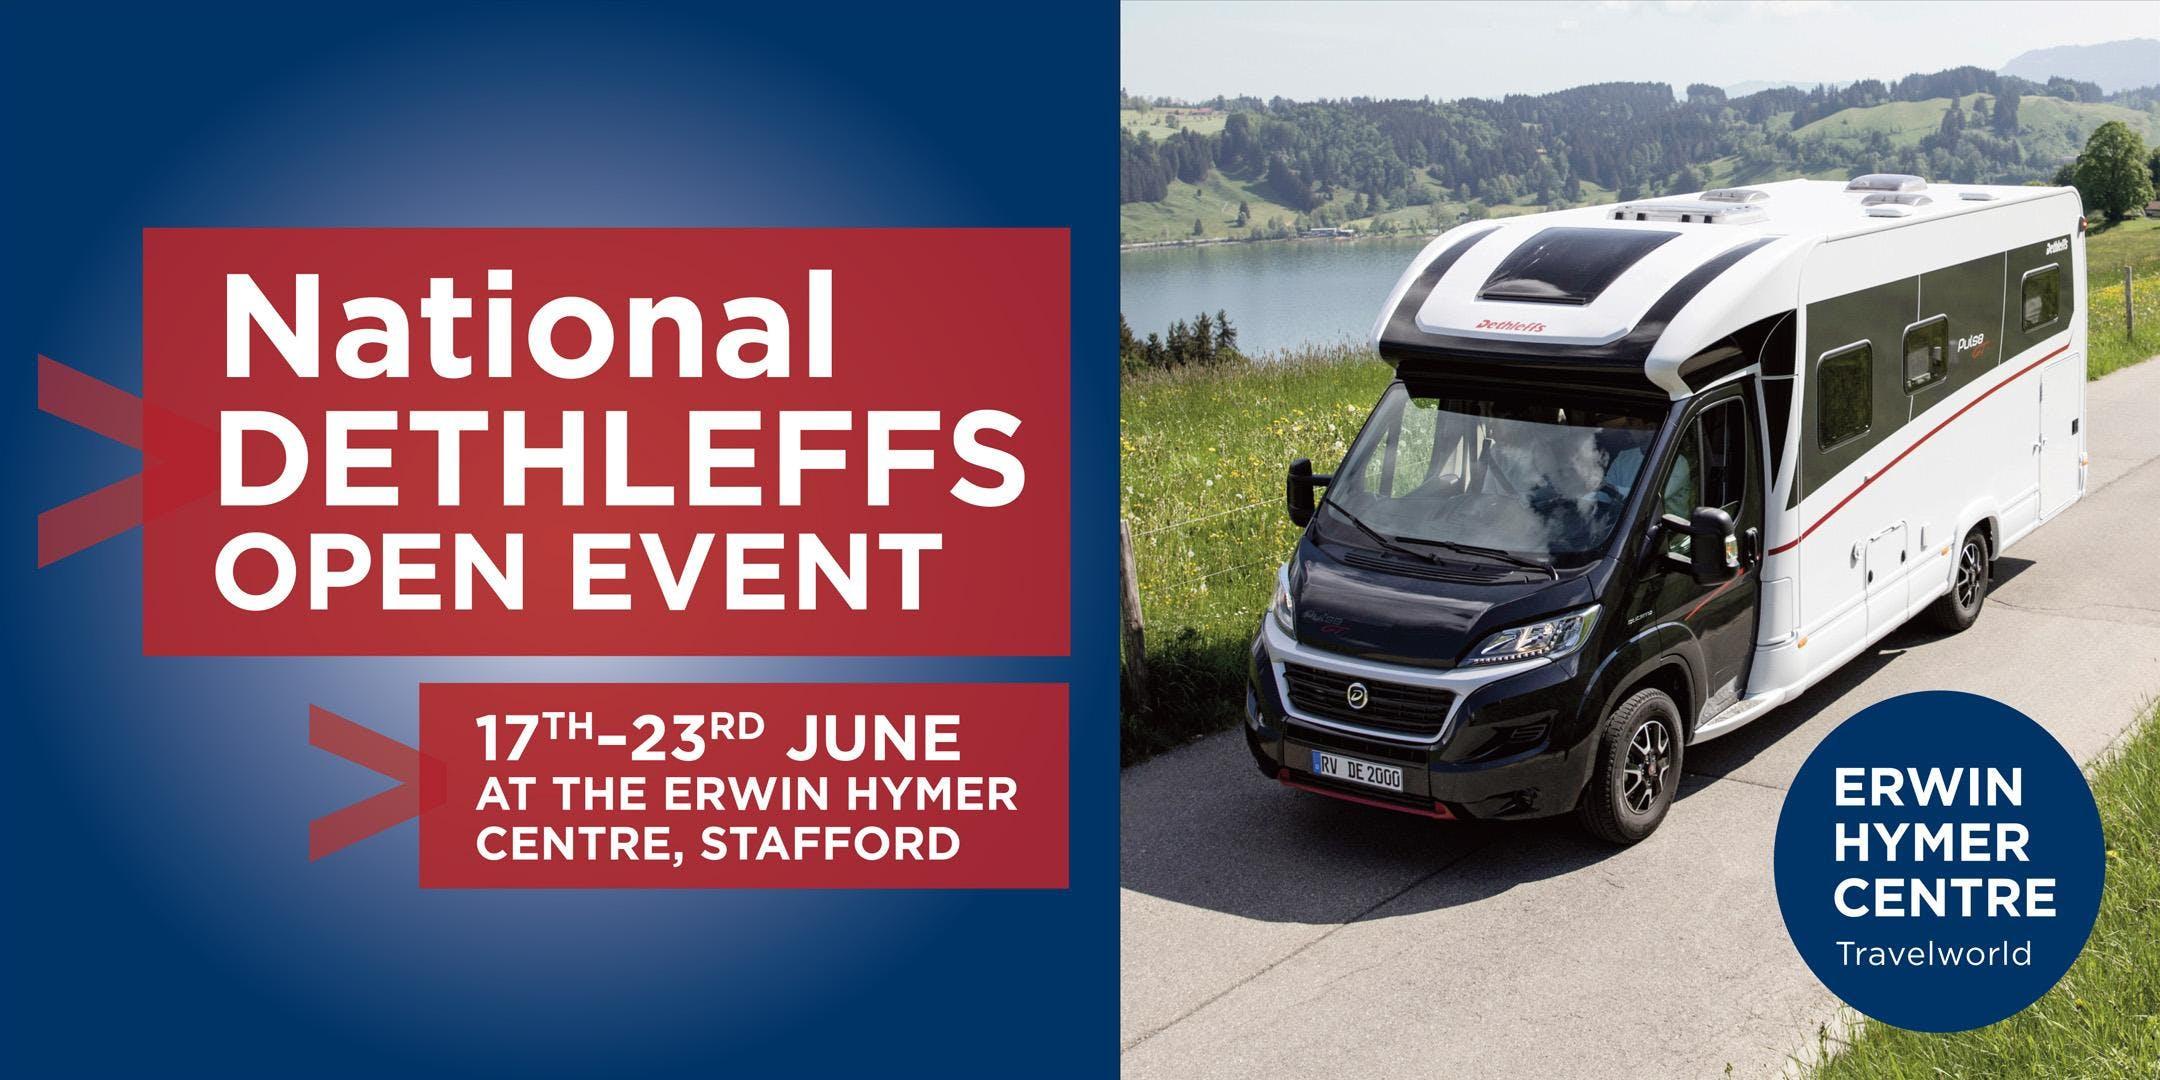 National Dethleffs Event 2019